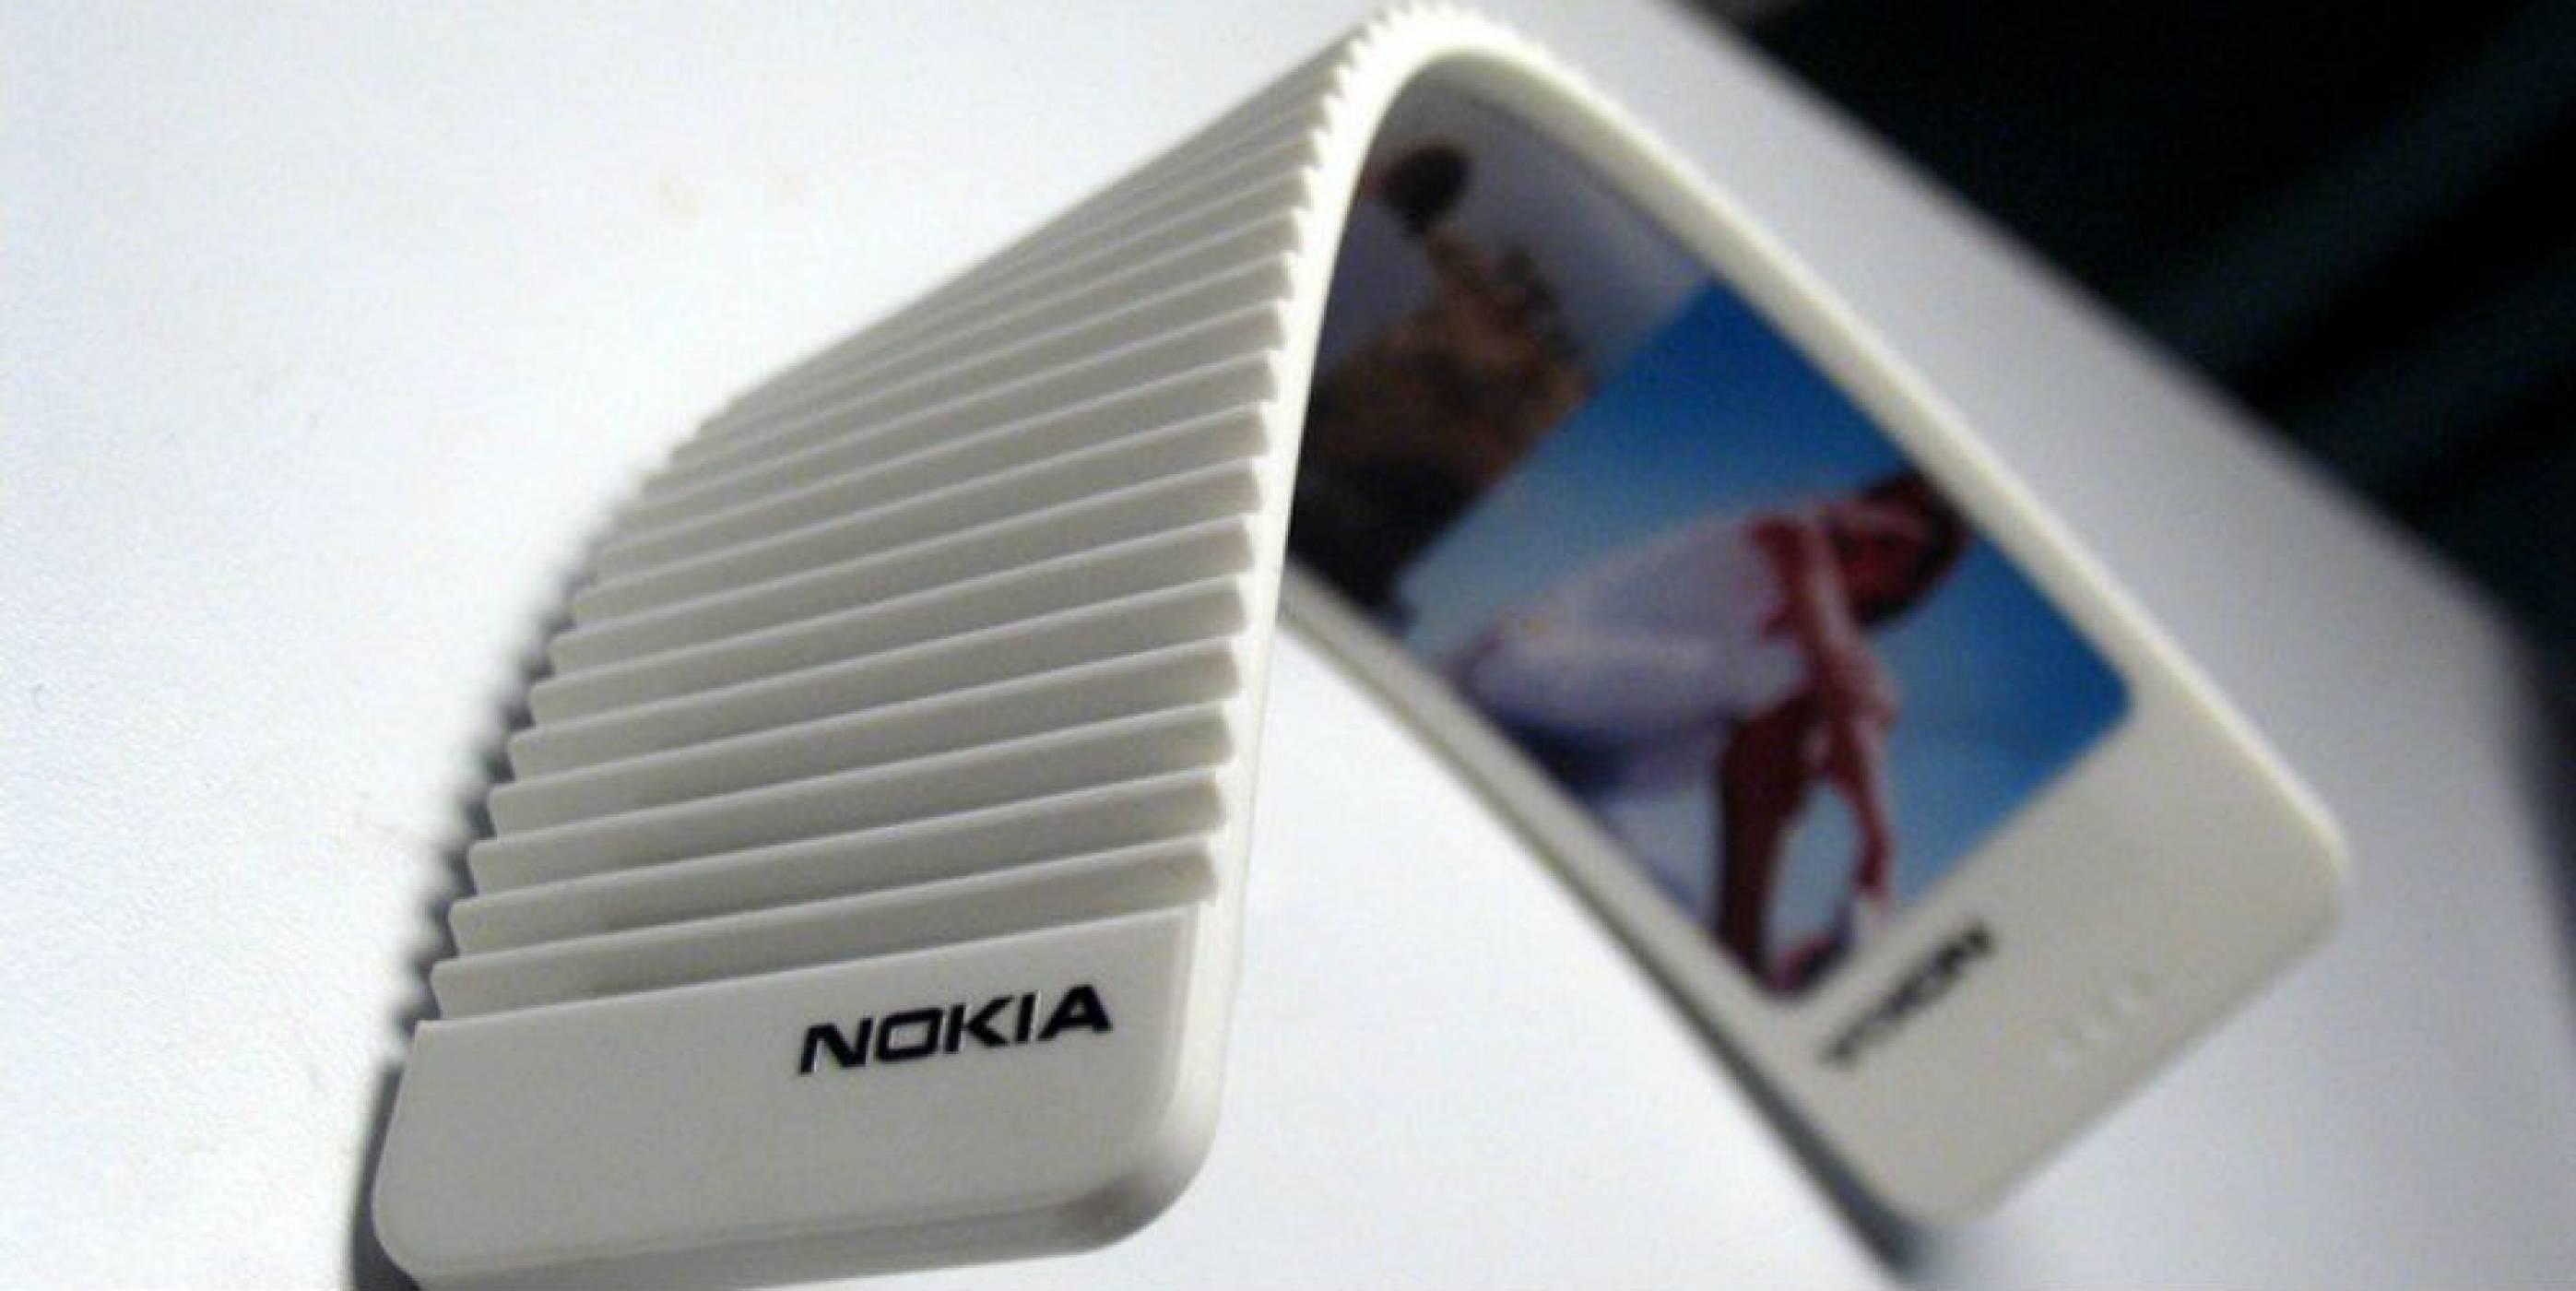 Създадоха гъвкава флаш памет за преносимите устройства